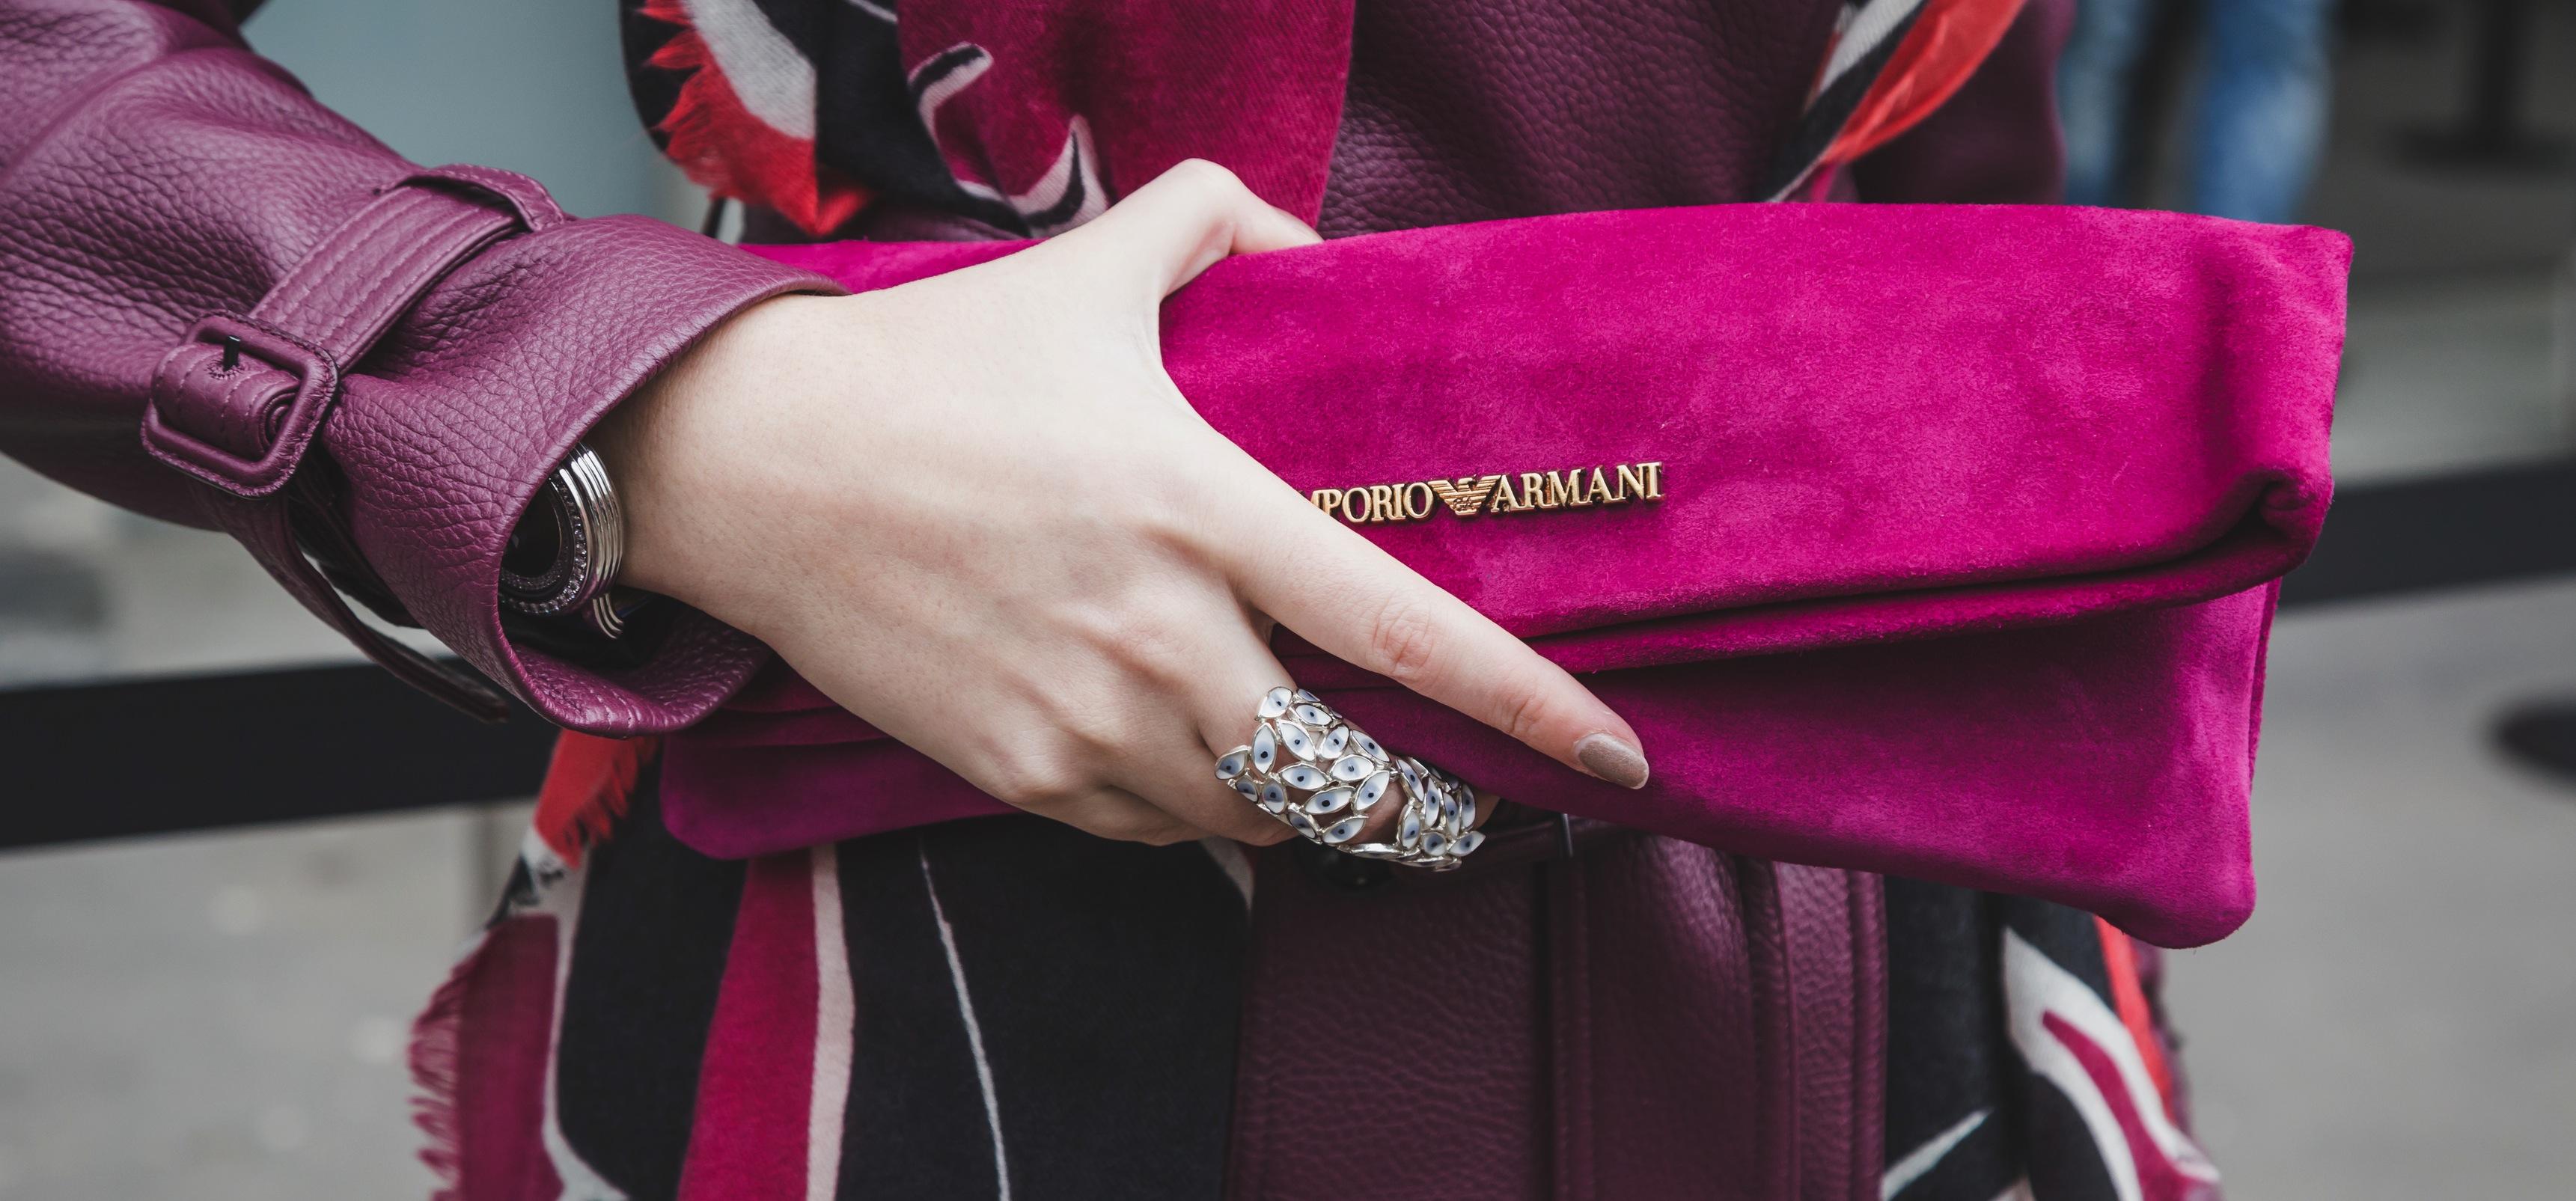 dreamstime_xl_50869245 El rosa de Emporio Armani y la elegancia de Versace deslumbran en Milán